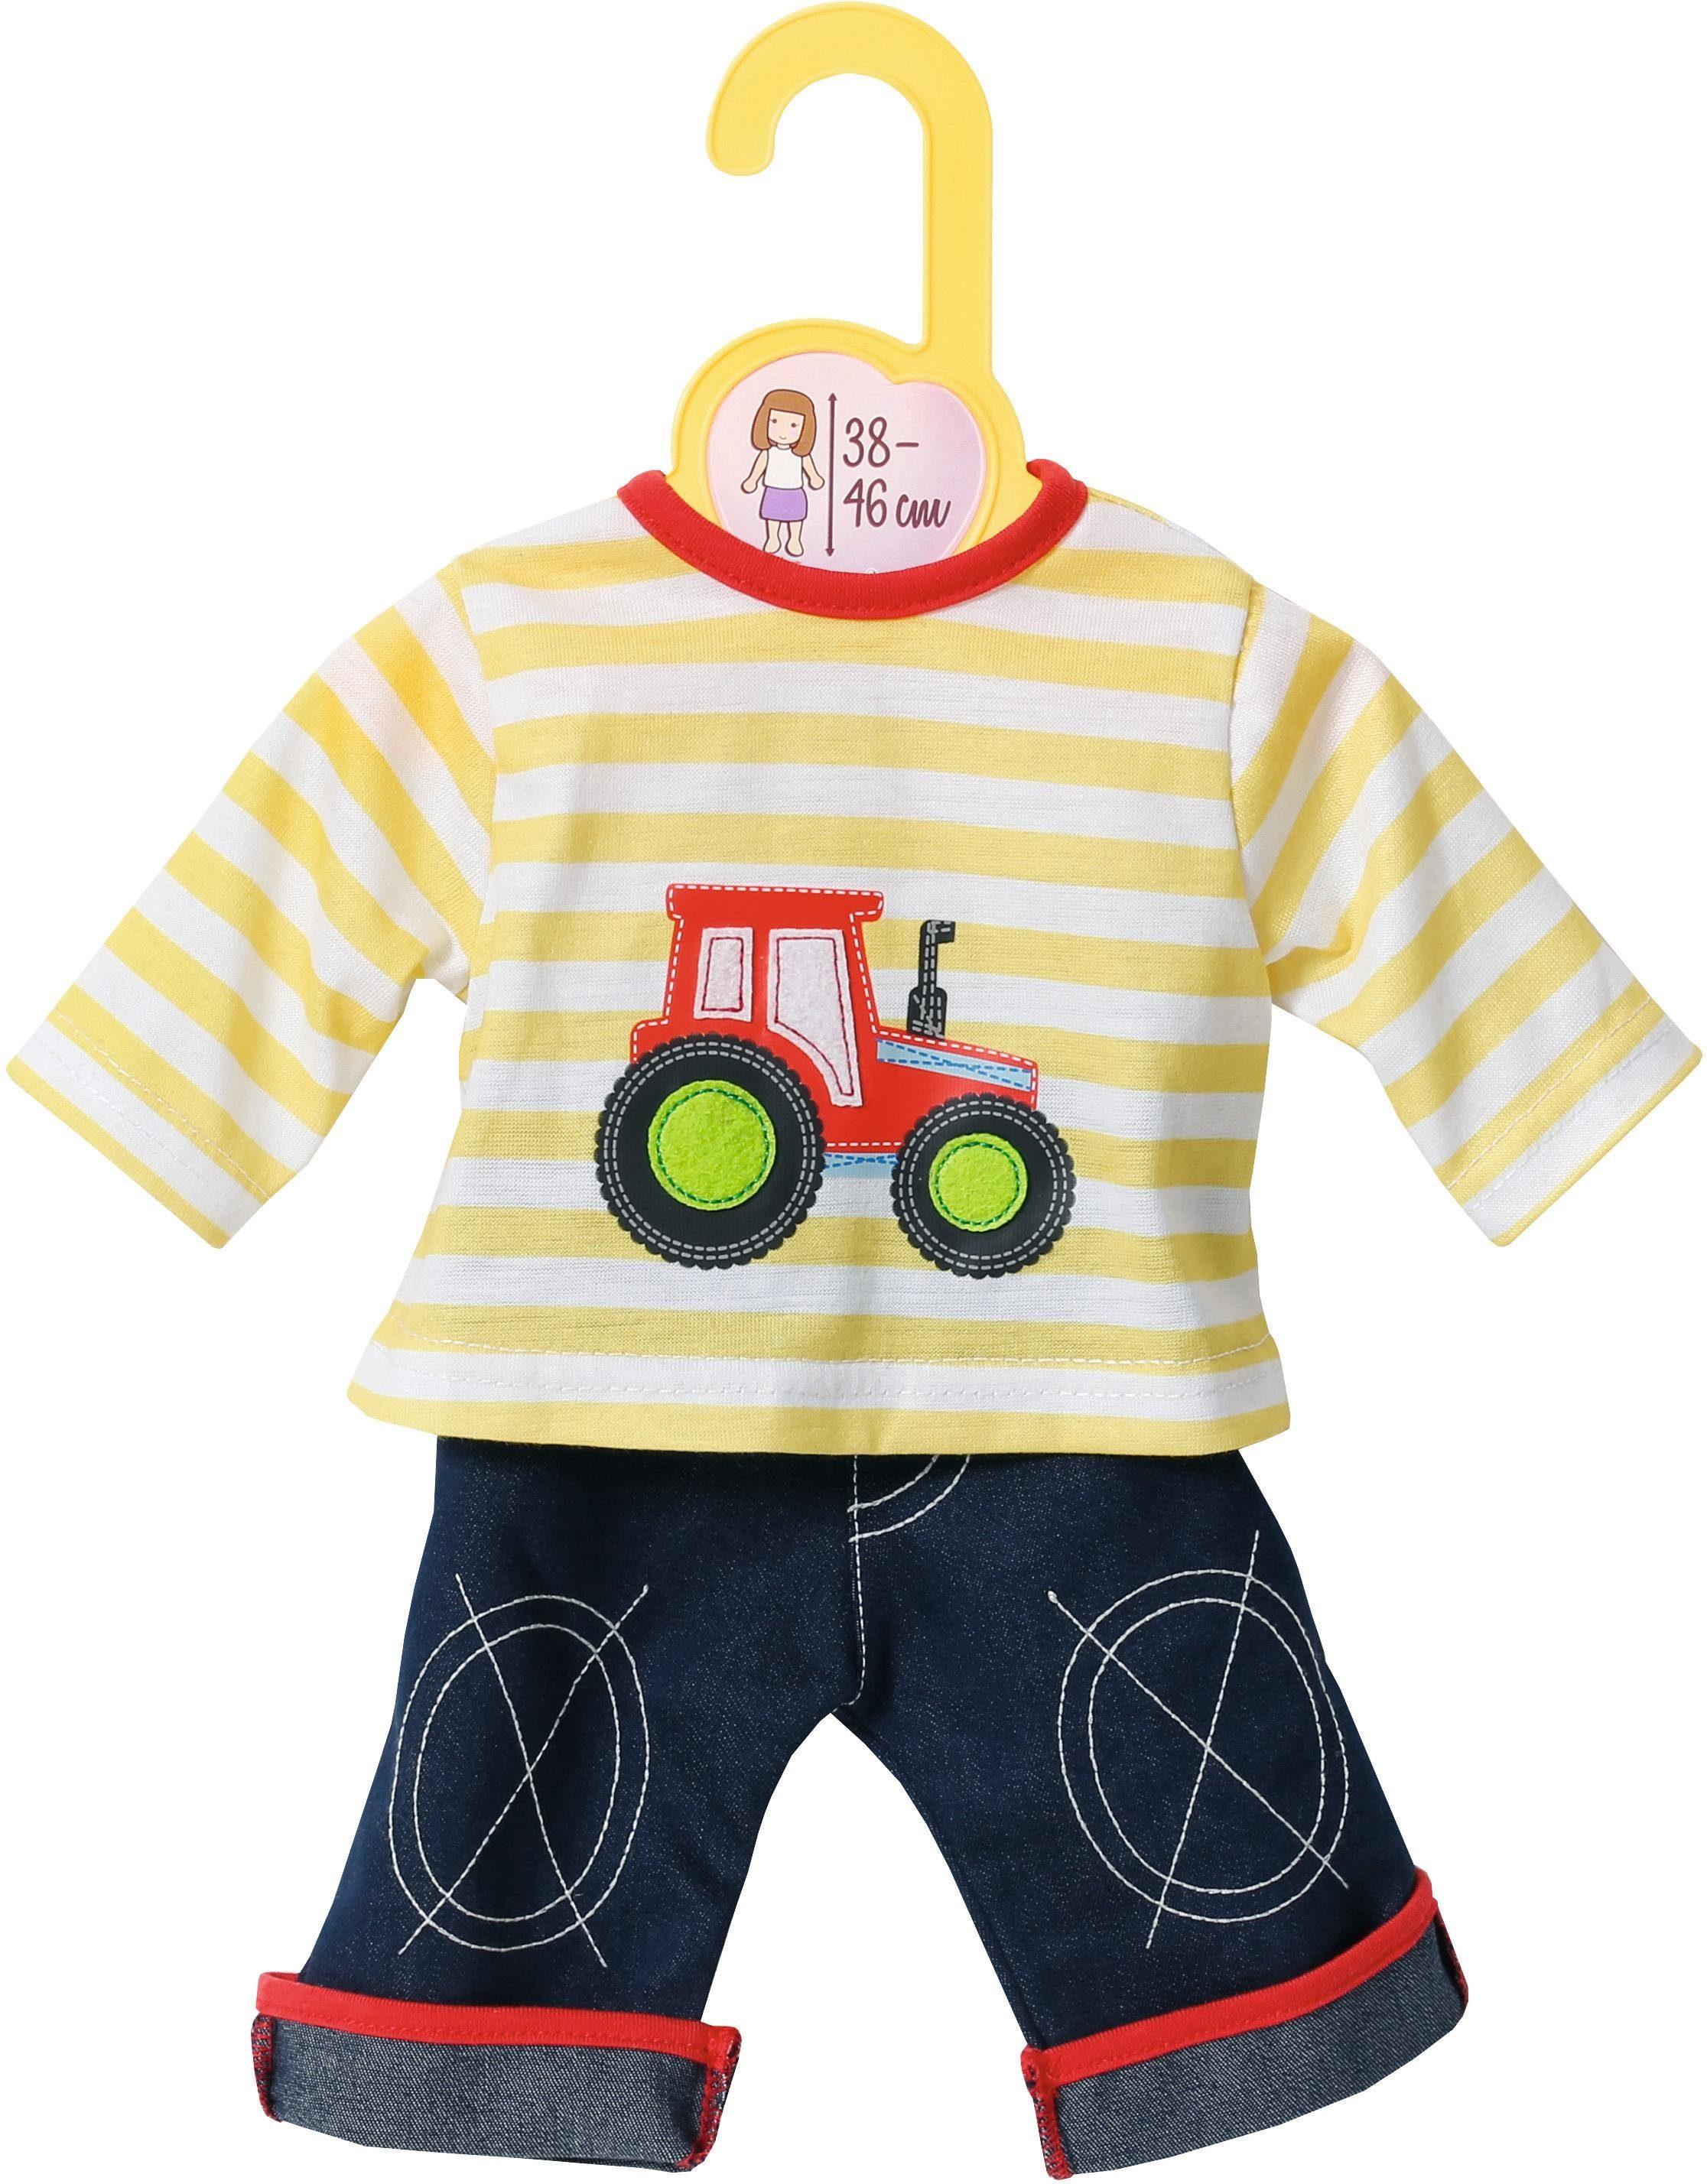 Zapf Creation Puppenbekleidung Größe 38-46 cm , »Dolly Moda Jeans mit Shirt«